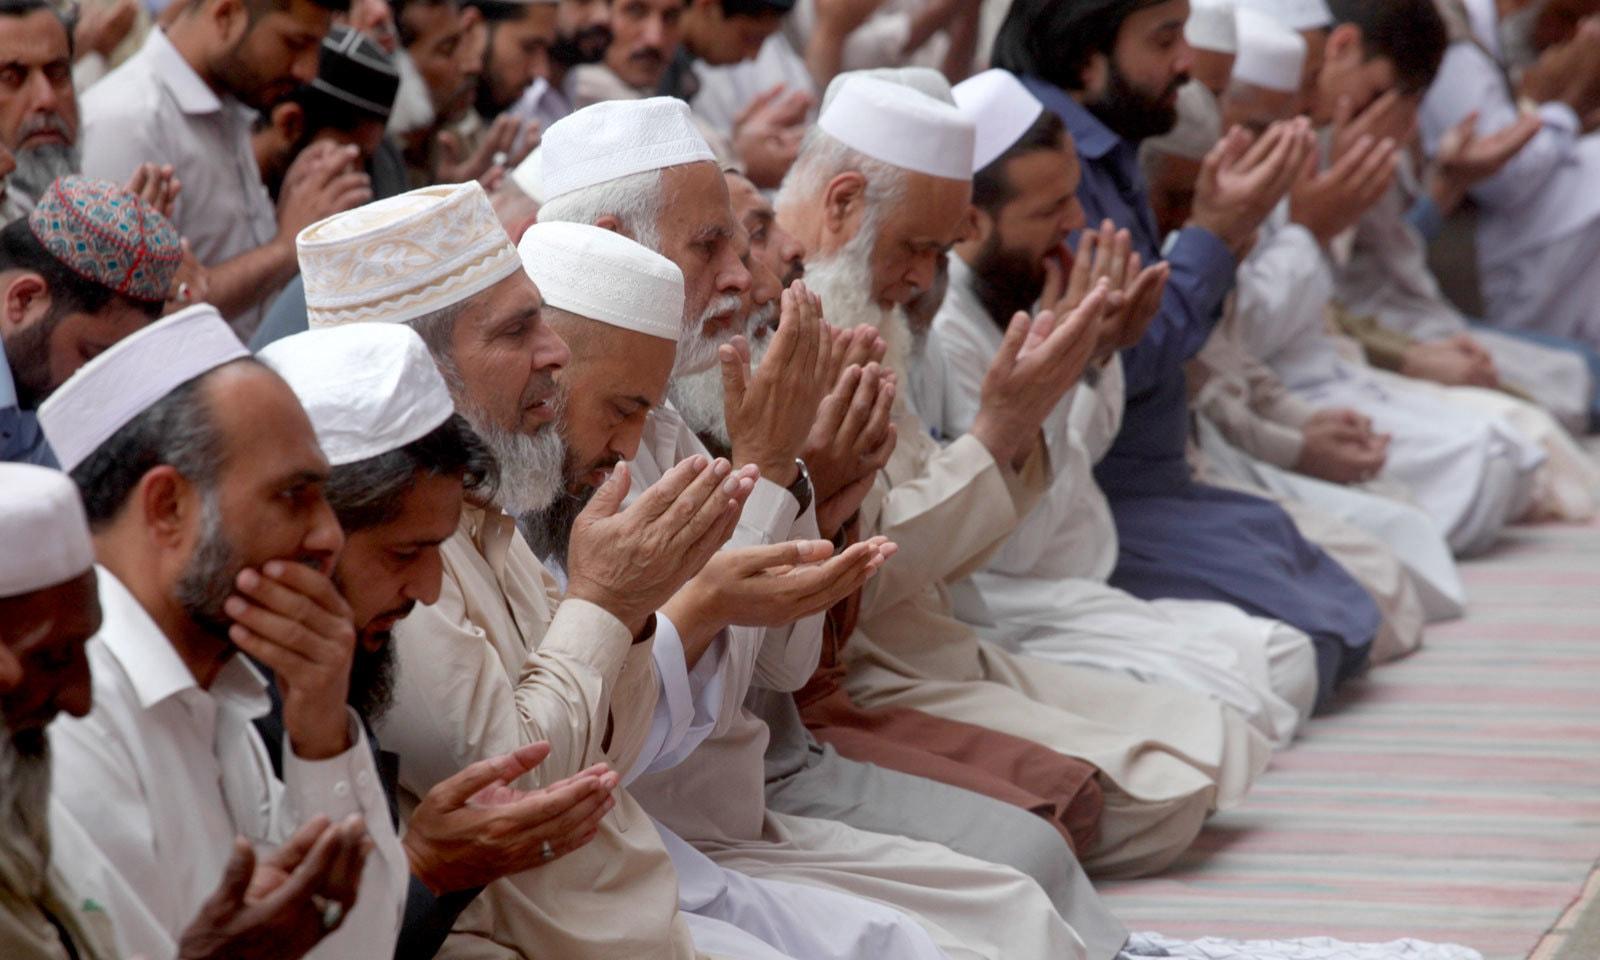 پشاور کی مسجد میں نماز تراویح کے بعد دعا مانگی جارہی ہے — فوٹو: اے پی